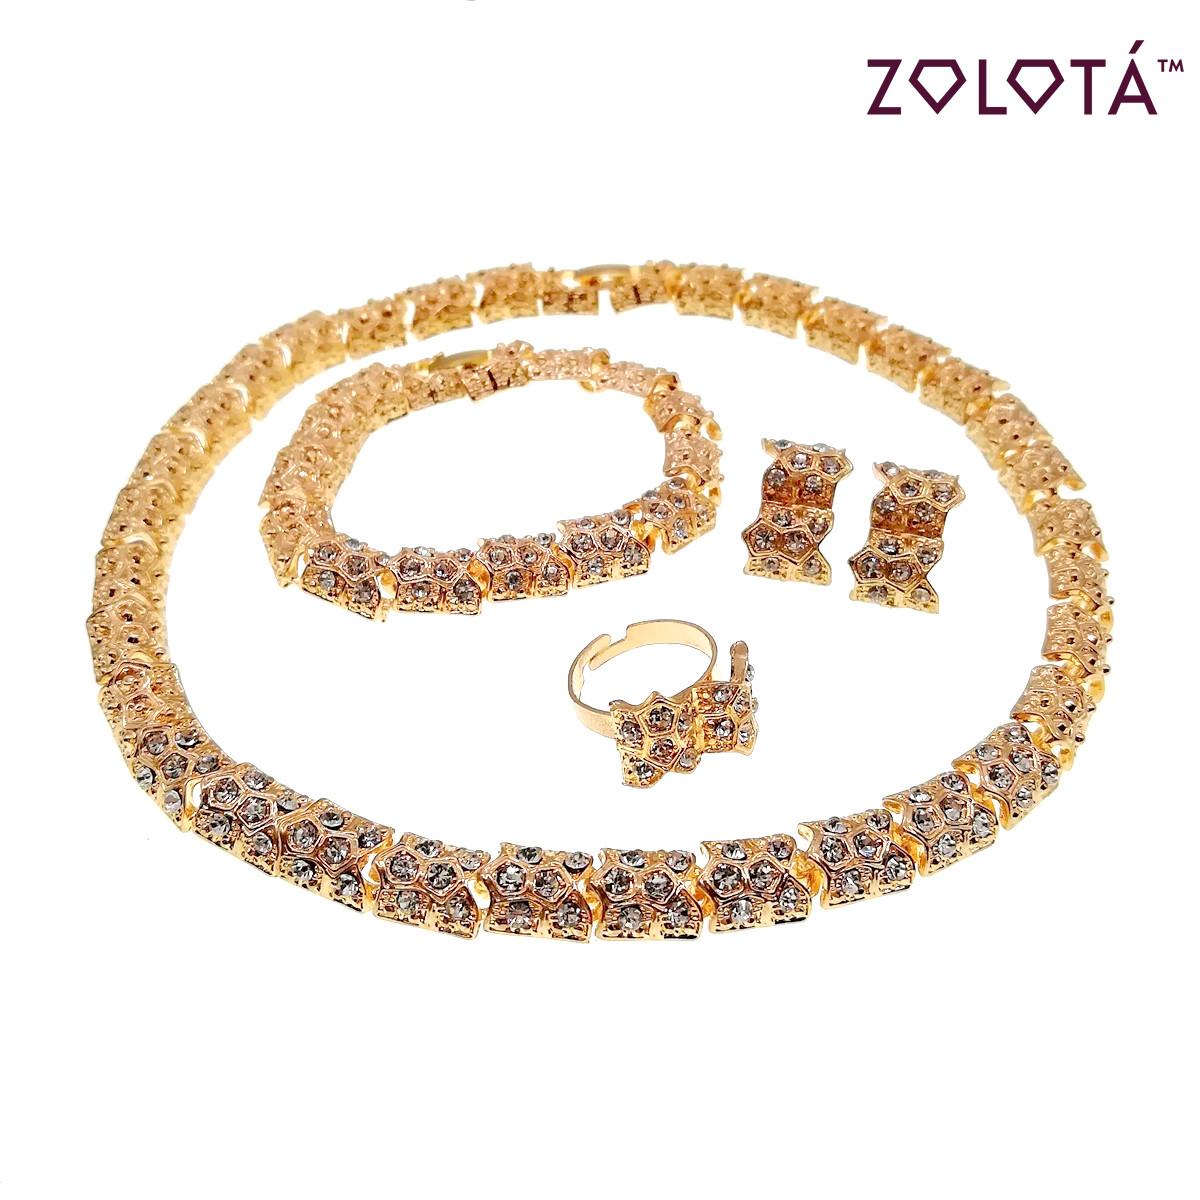 Комплект (Колье + браслет + серьги + кольцо) с белыми фианитами (куб. цирконием), в позолоте, НБ00359 (1)